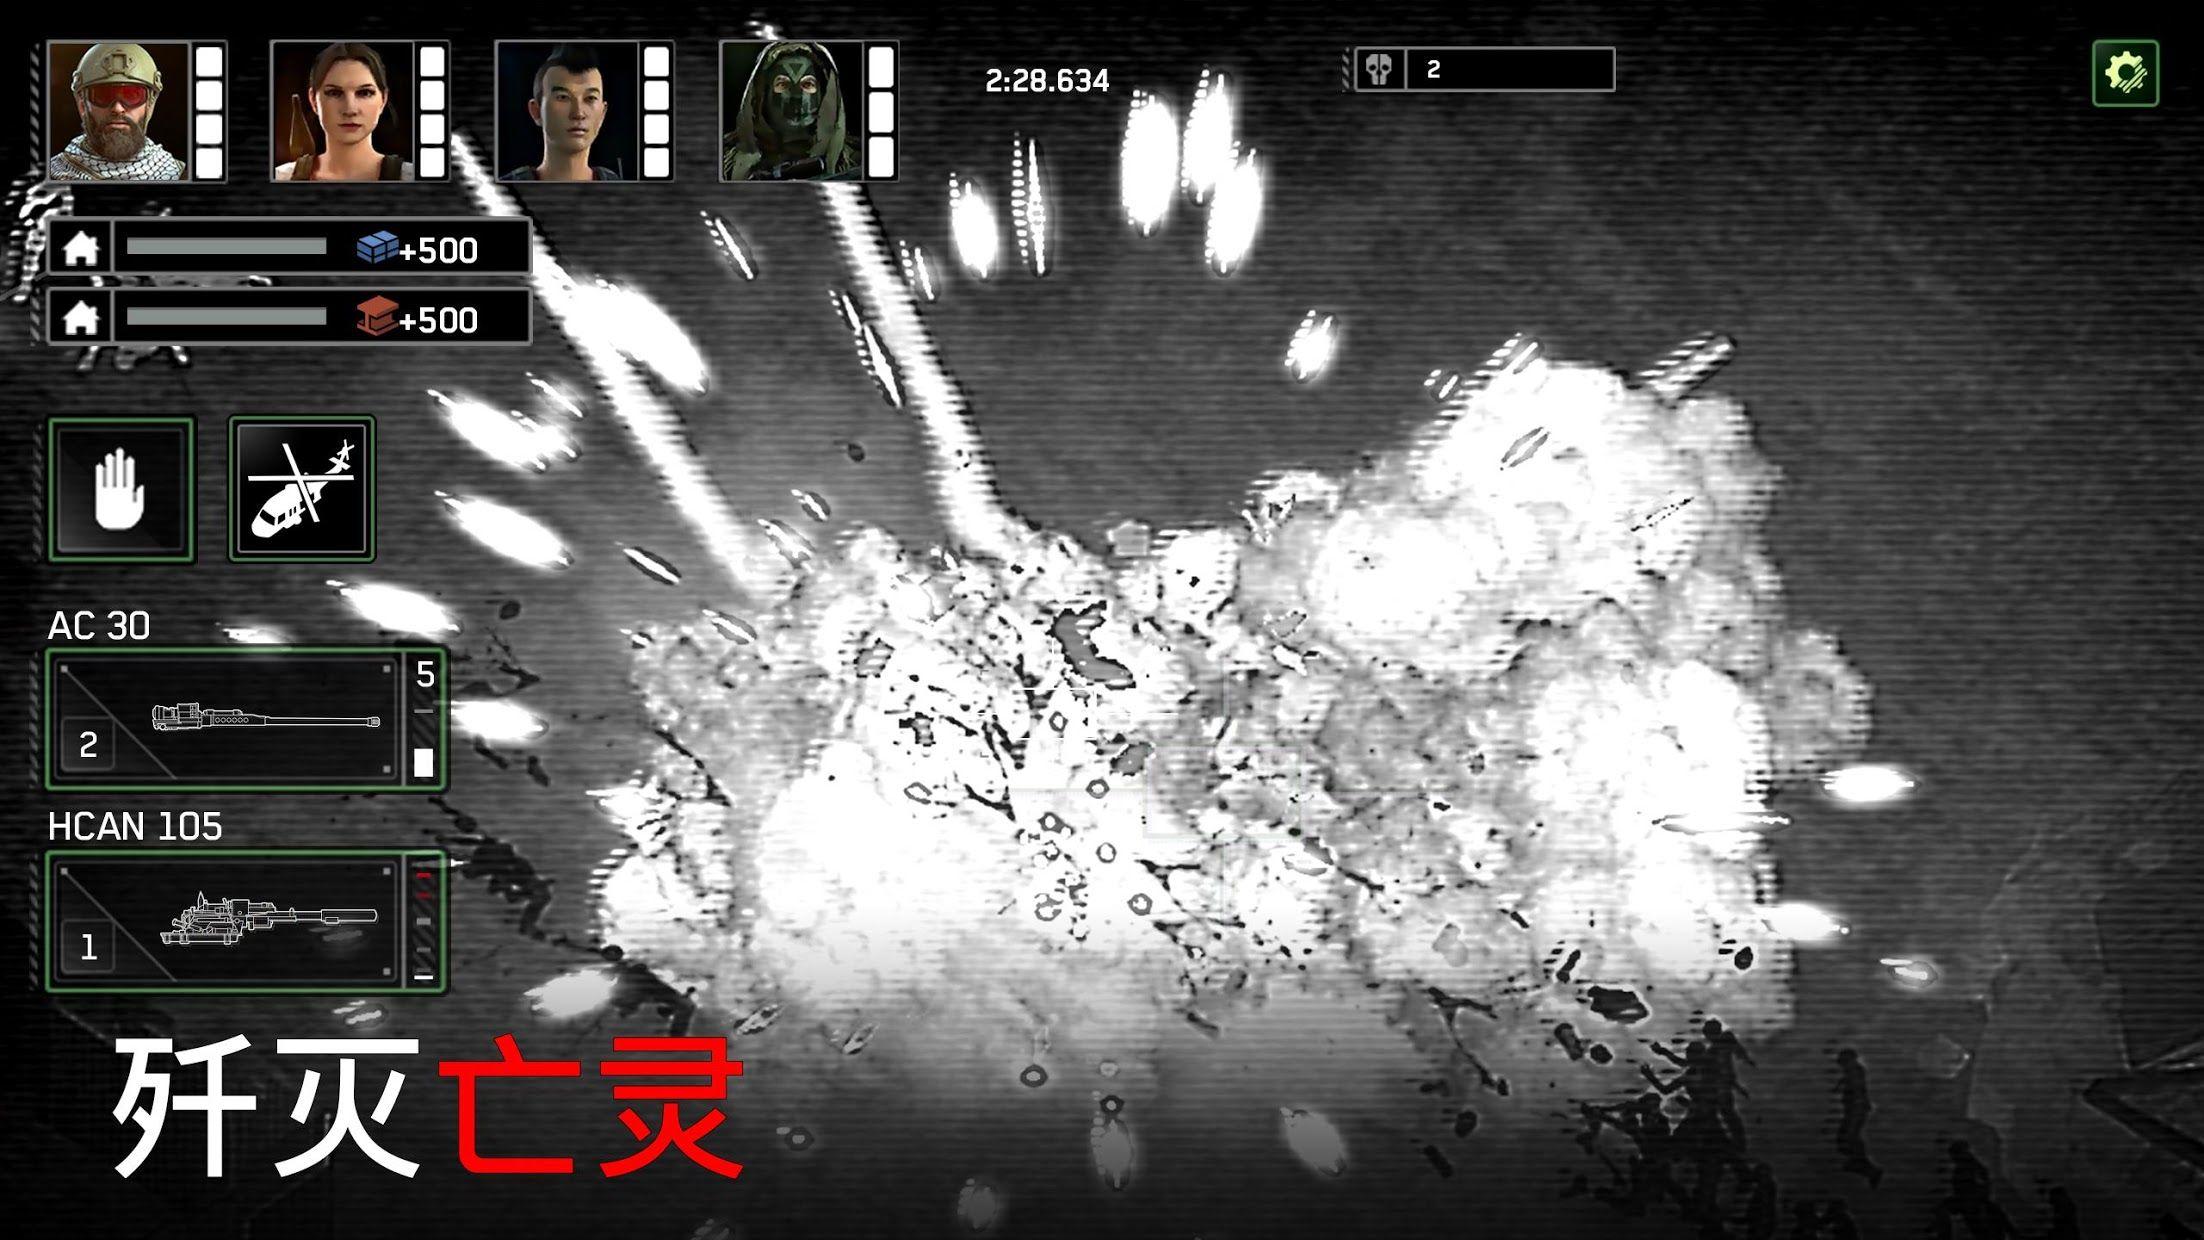 僵尸炮艇:生存 游戏截图5